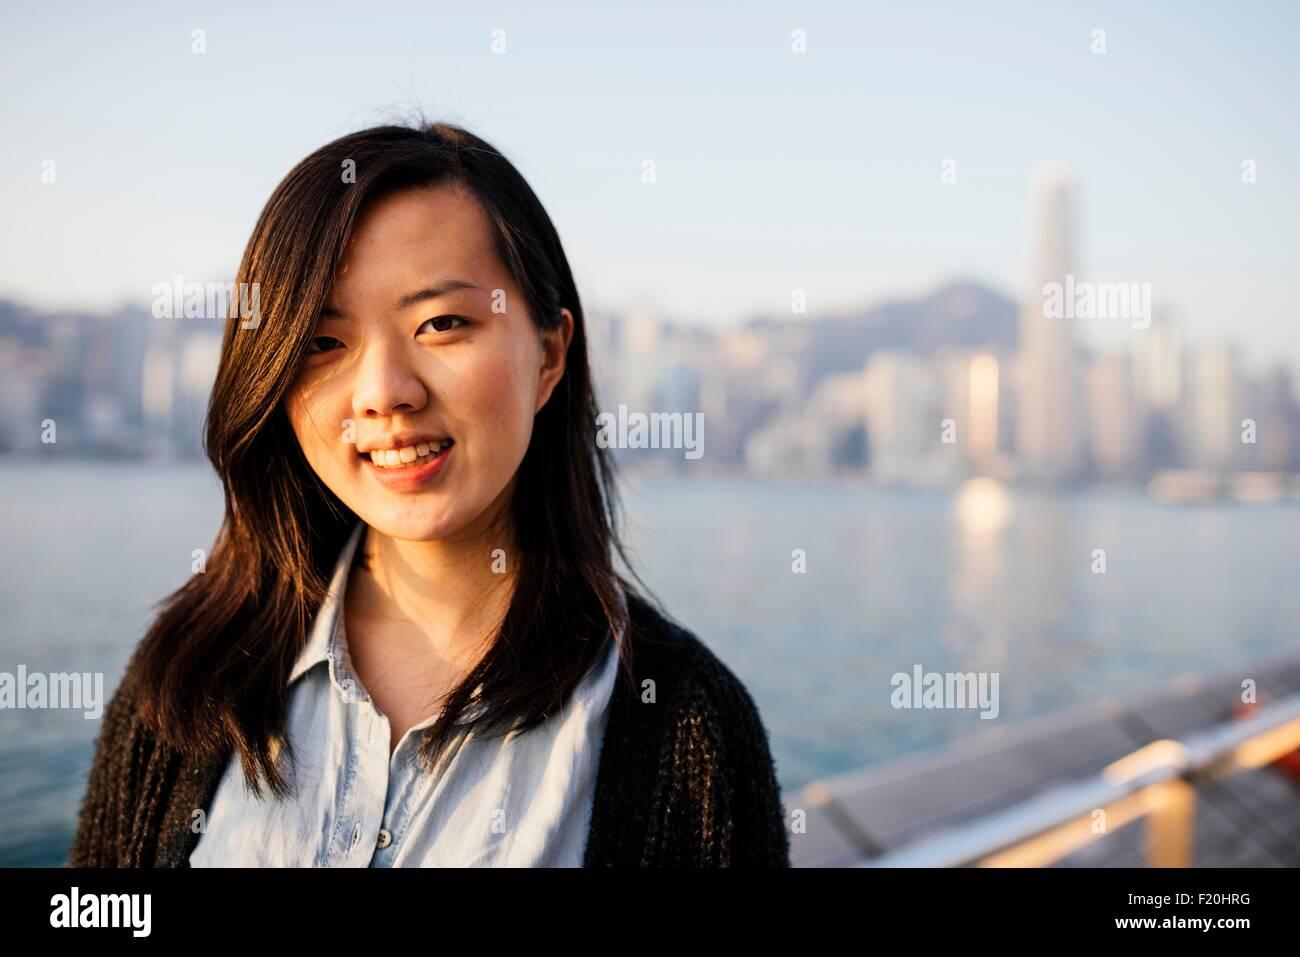 Retrato de mujer joven con cabellos largos vestidos de camisa y cardigan delante del agua, mirando a la cámara Imagen De Stock